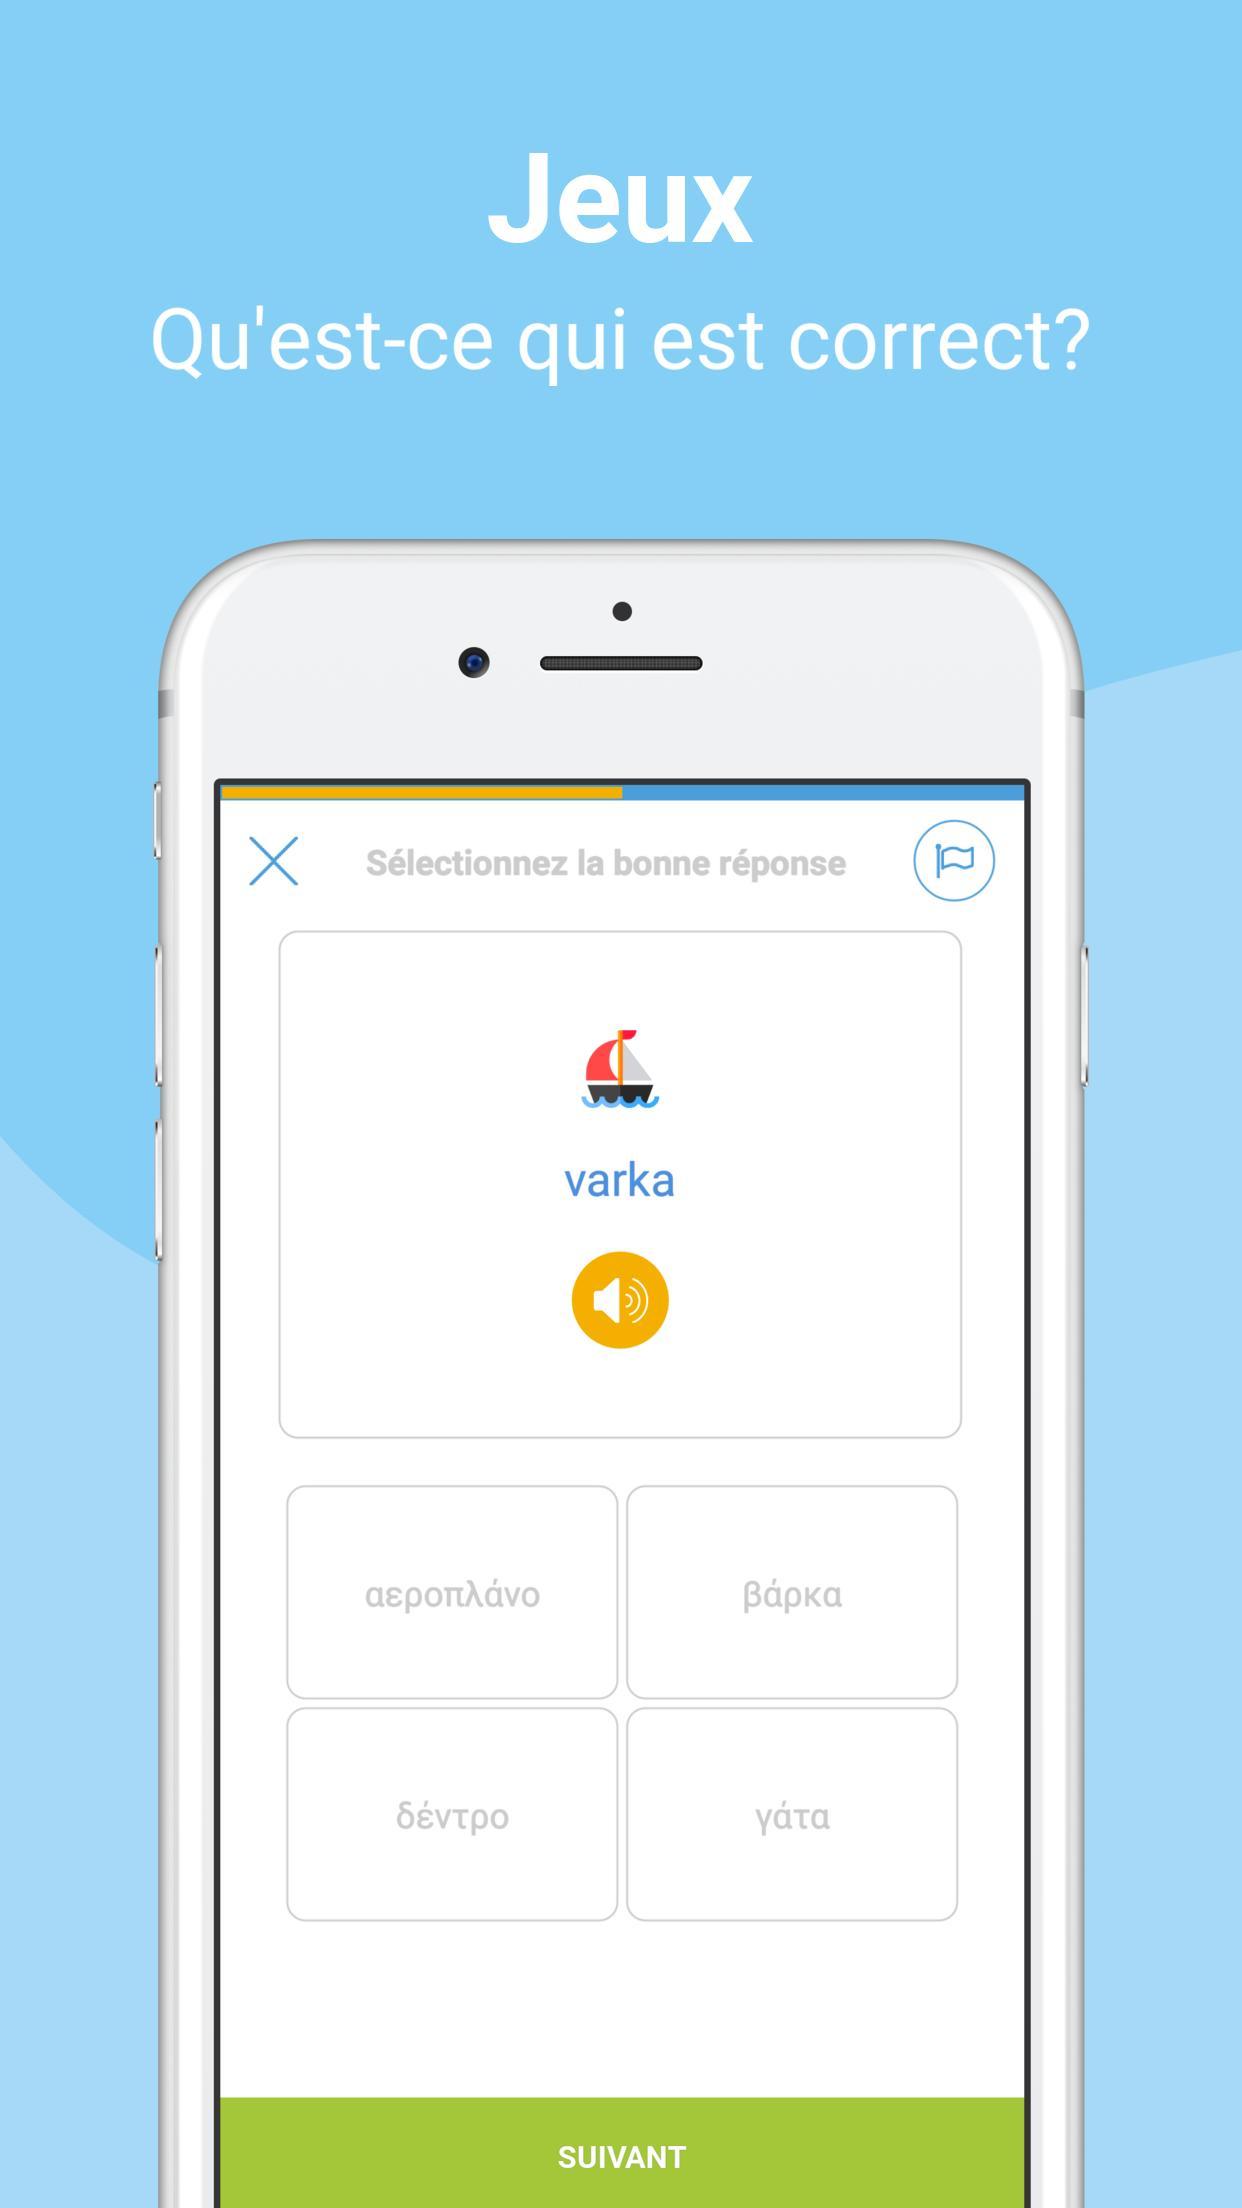 Apprendre À Écrire L'alphabet Pour Android - Téléchargez L'apk destiné Apprendre A Écrire L Alphabet